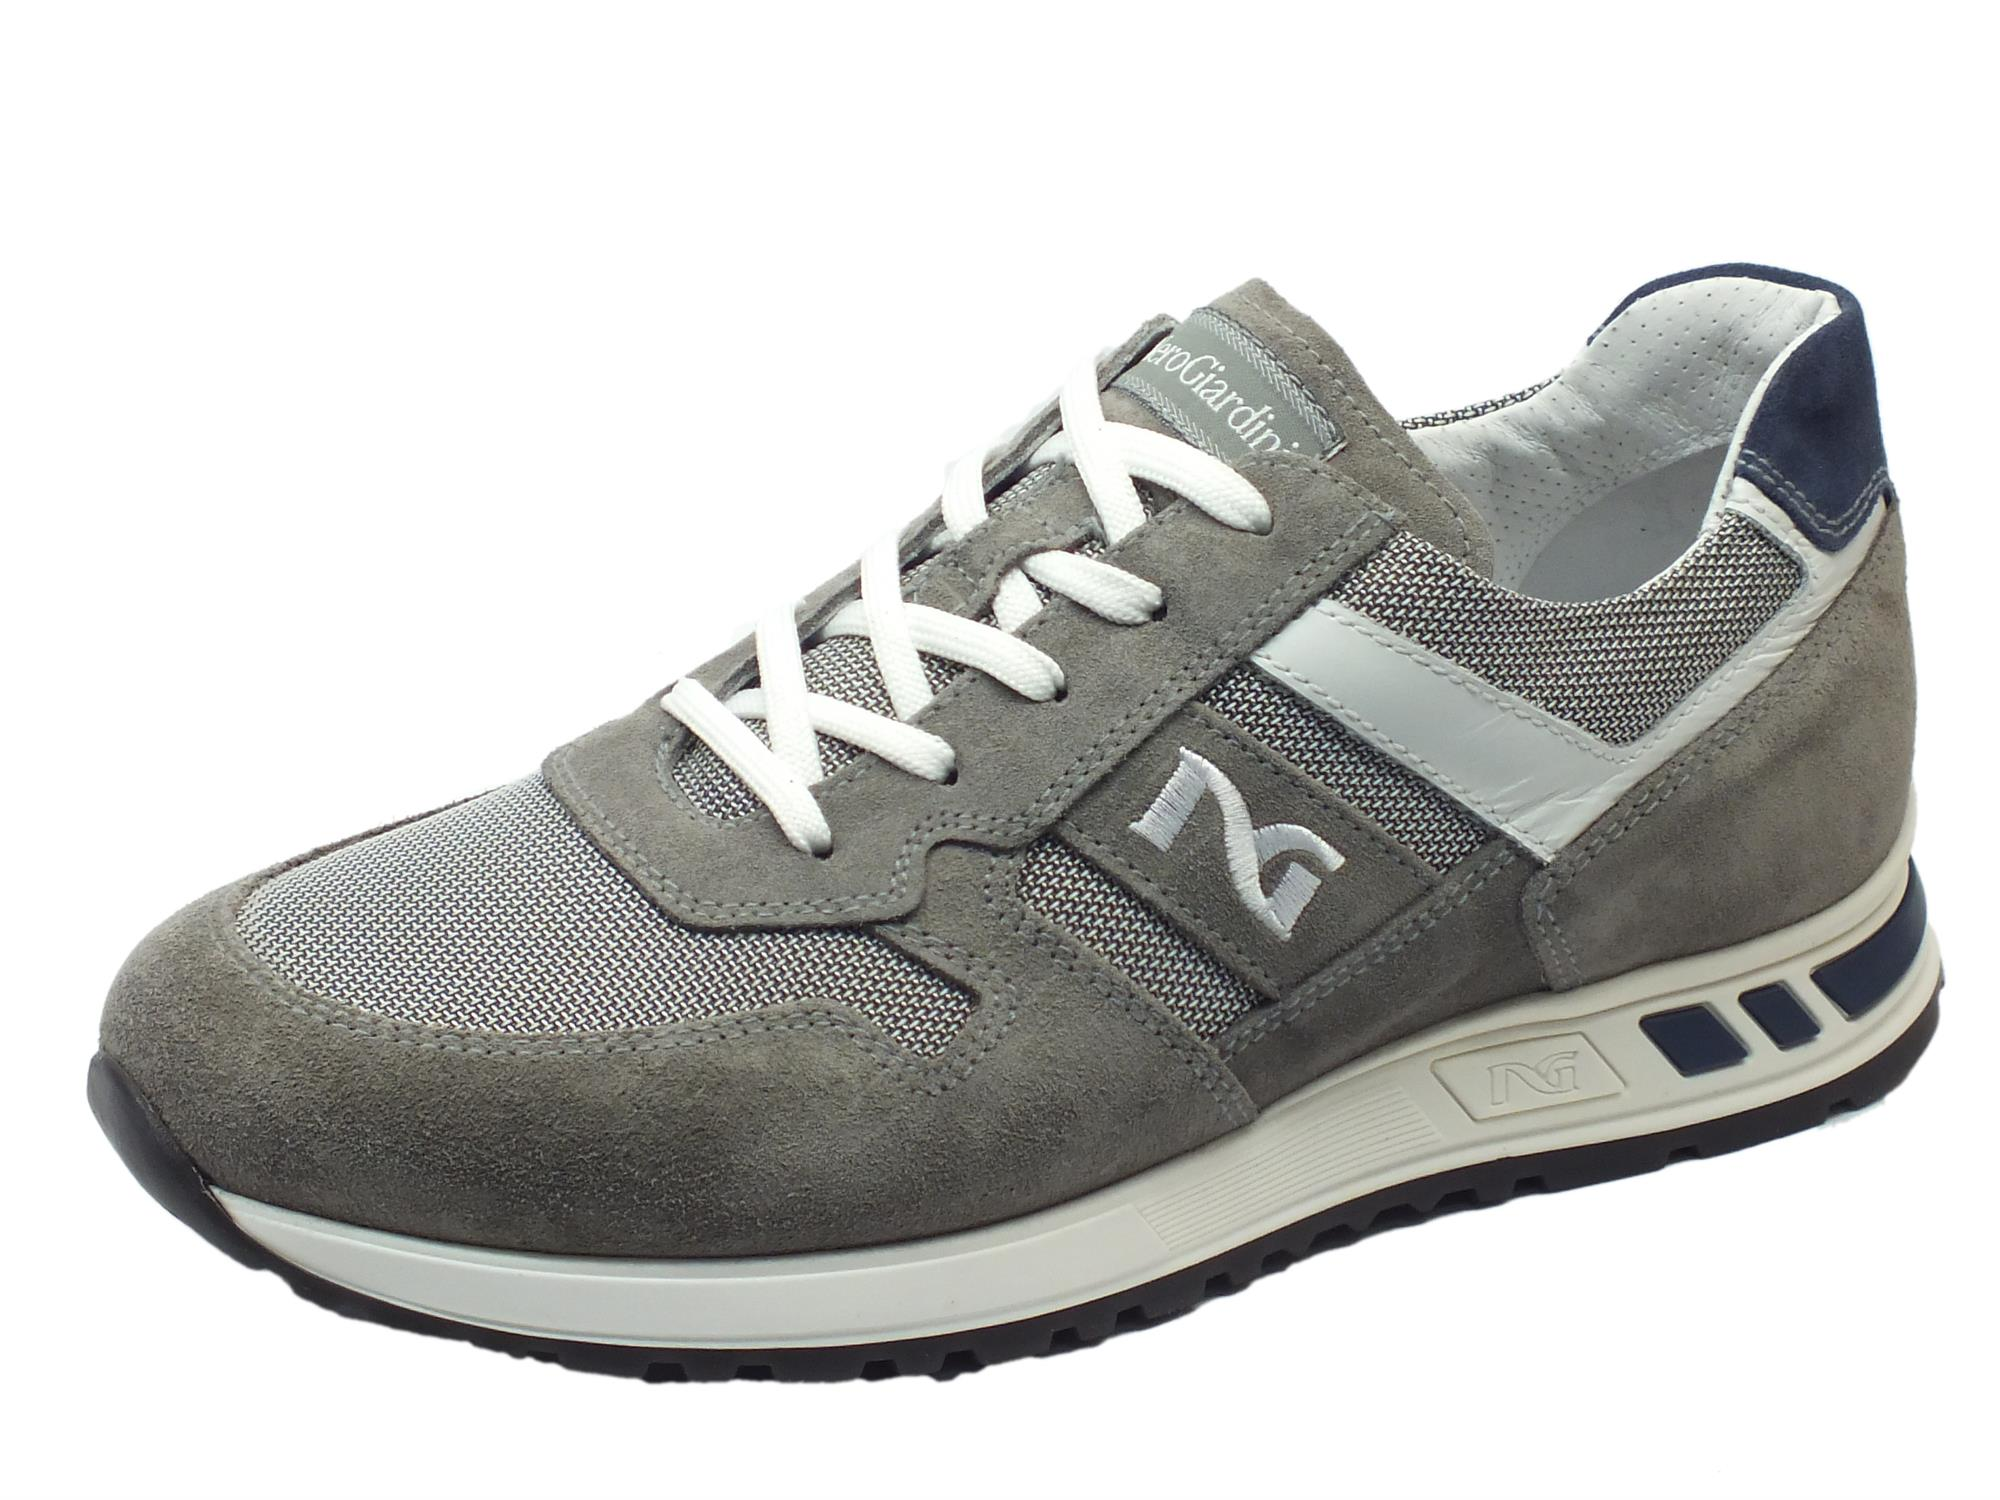 Scarpe sportive NeroGiardini per uomo in camoscio grigio e tessuto grigio 06d06fdad5e